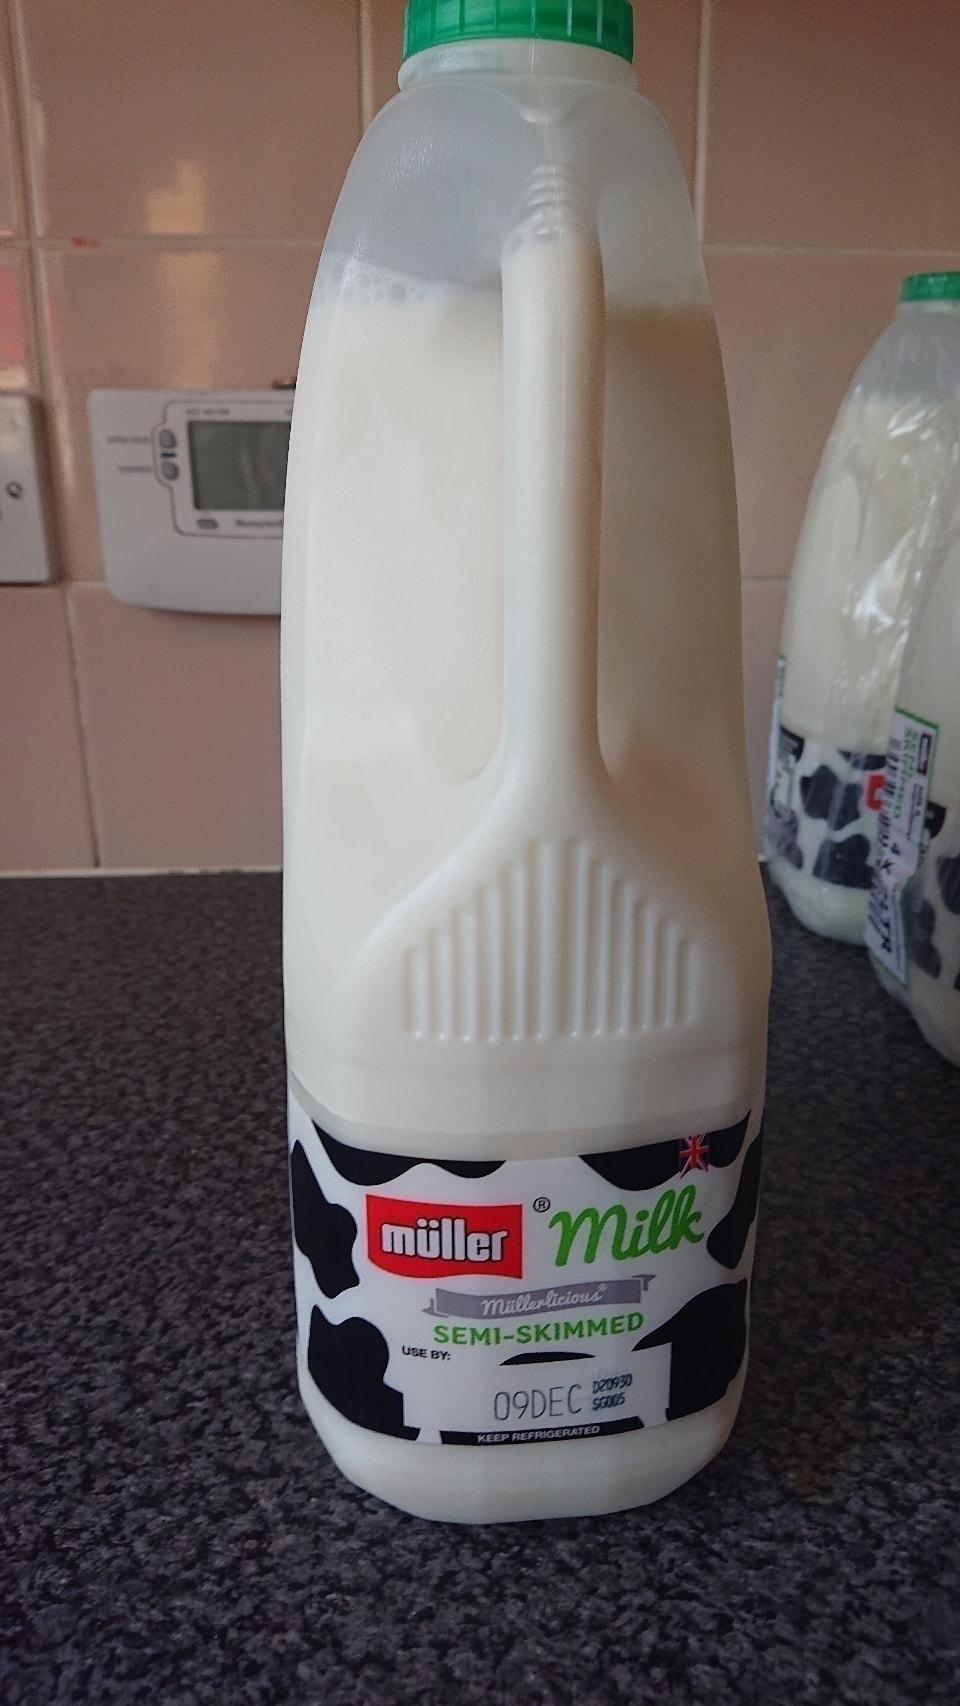 4pint semi skimmed milk